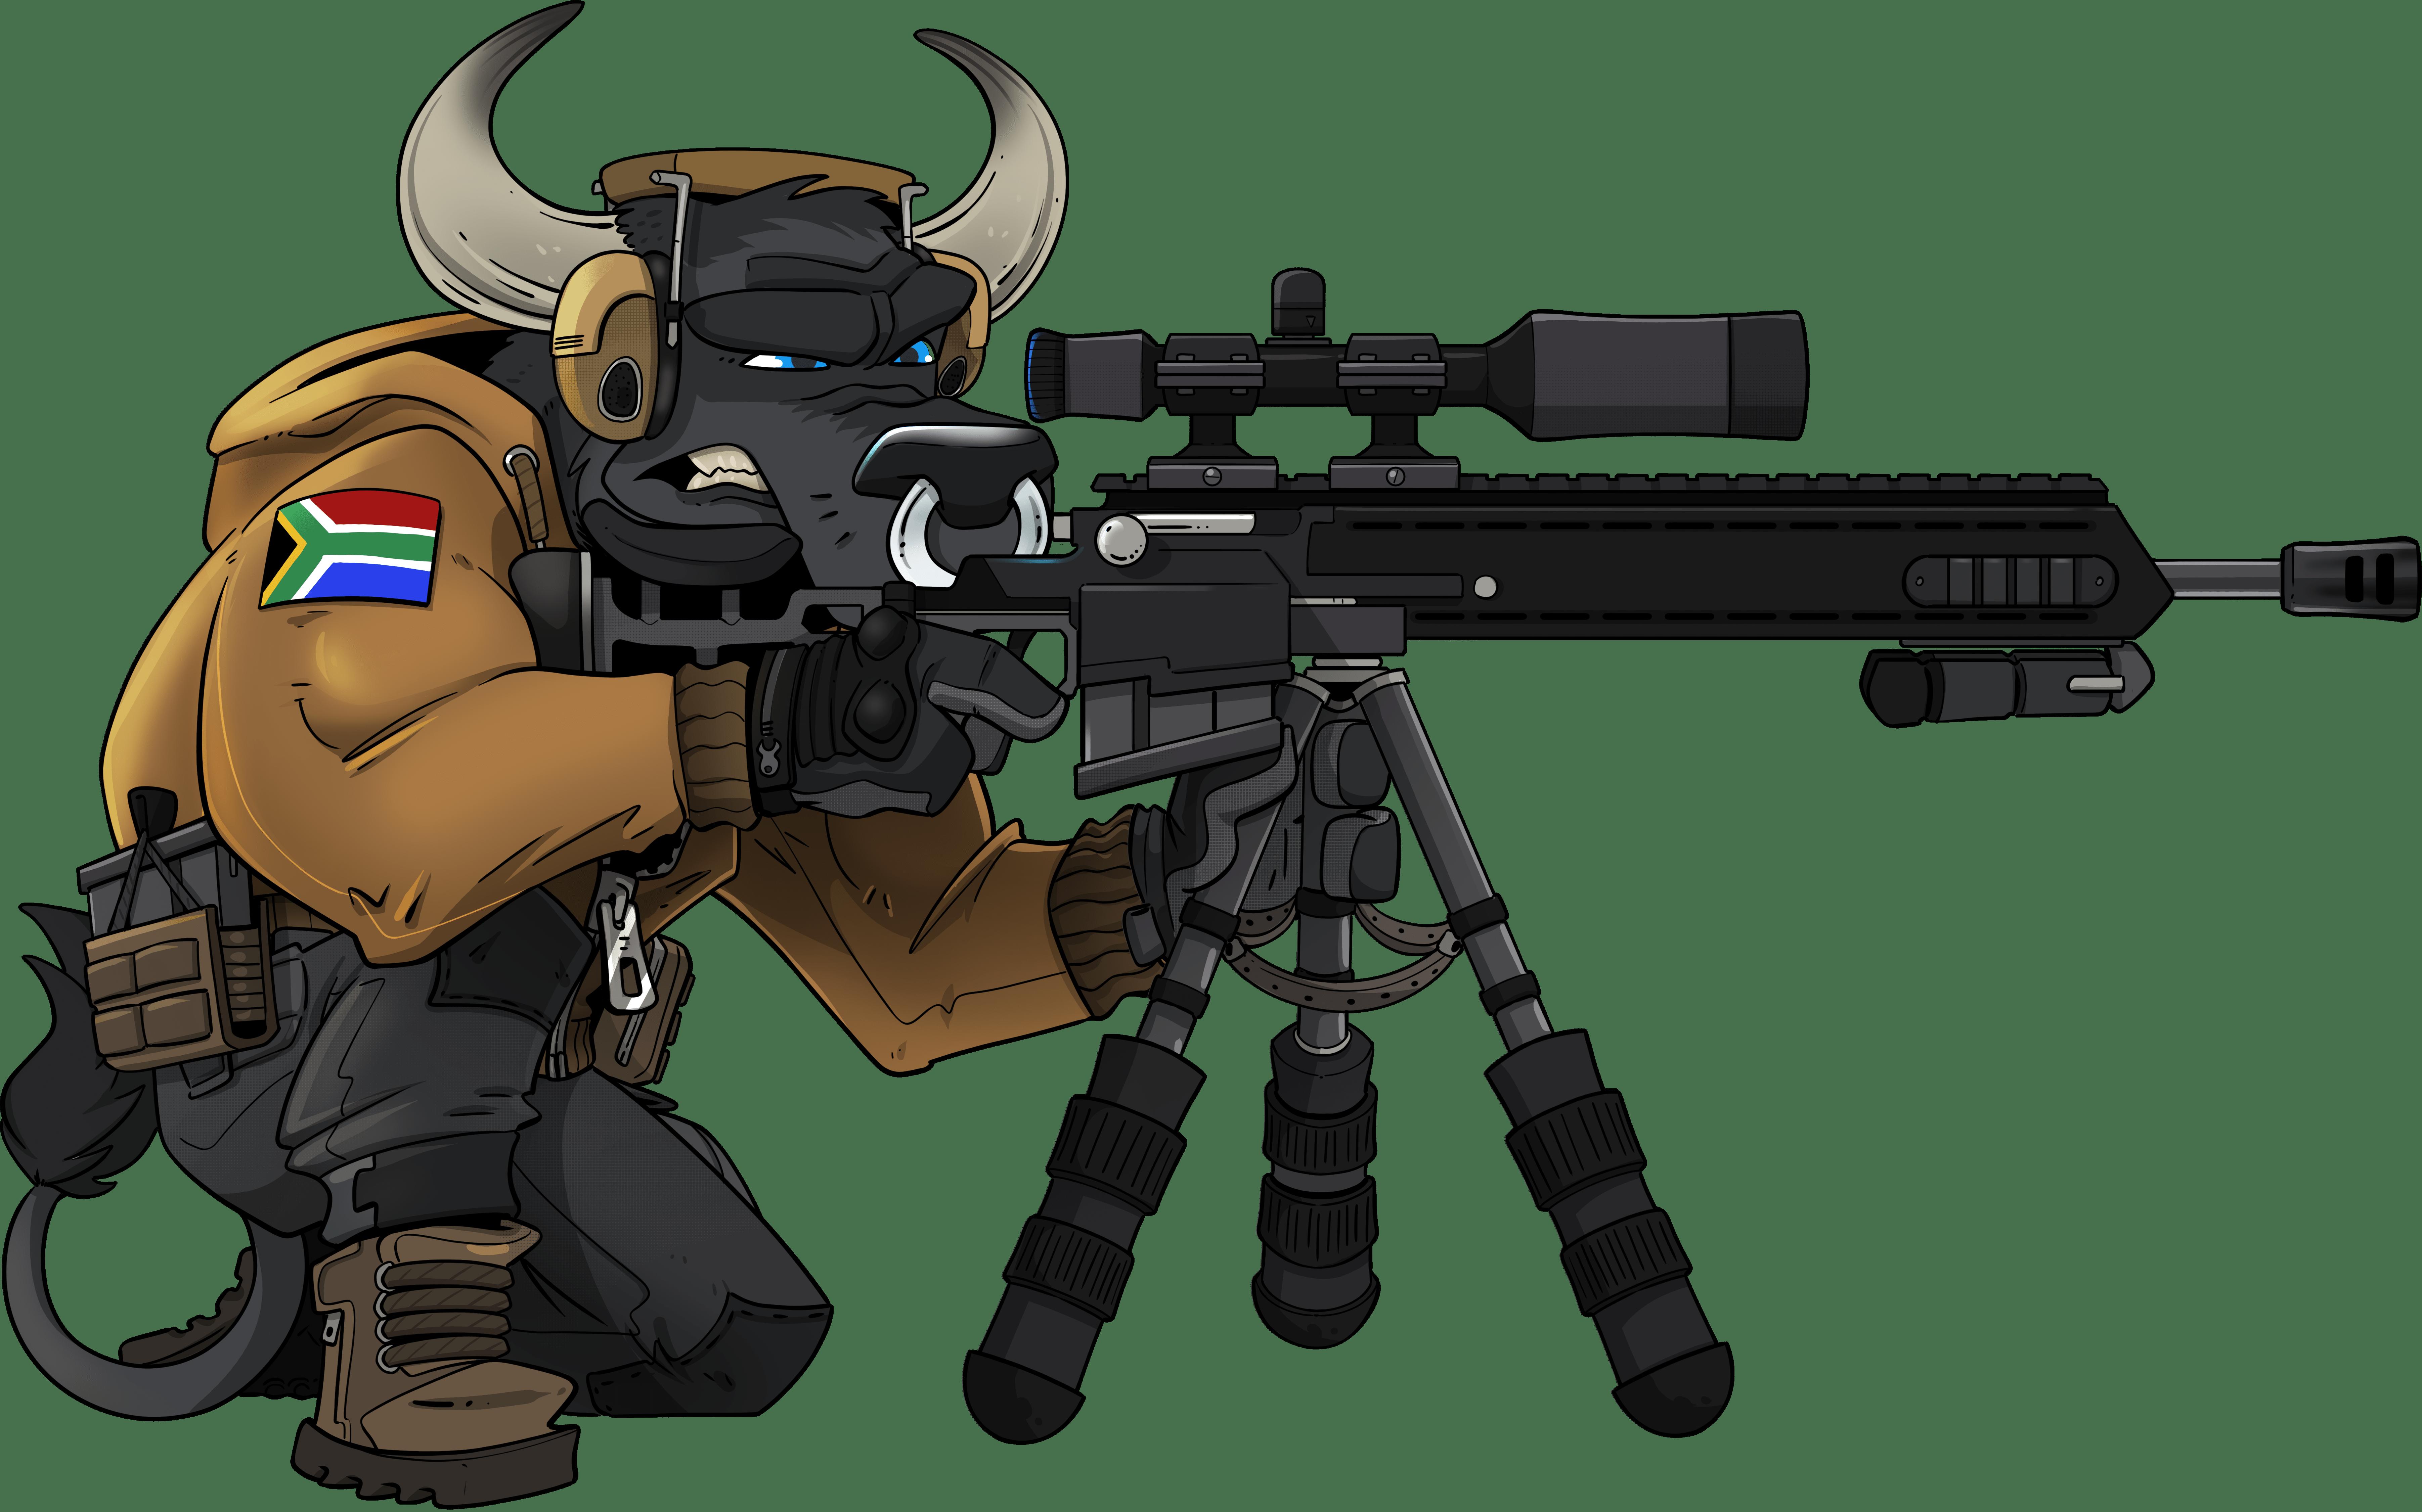 247 Tactical